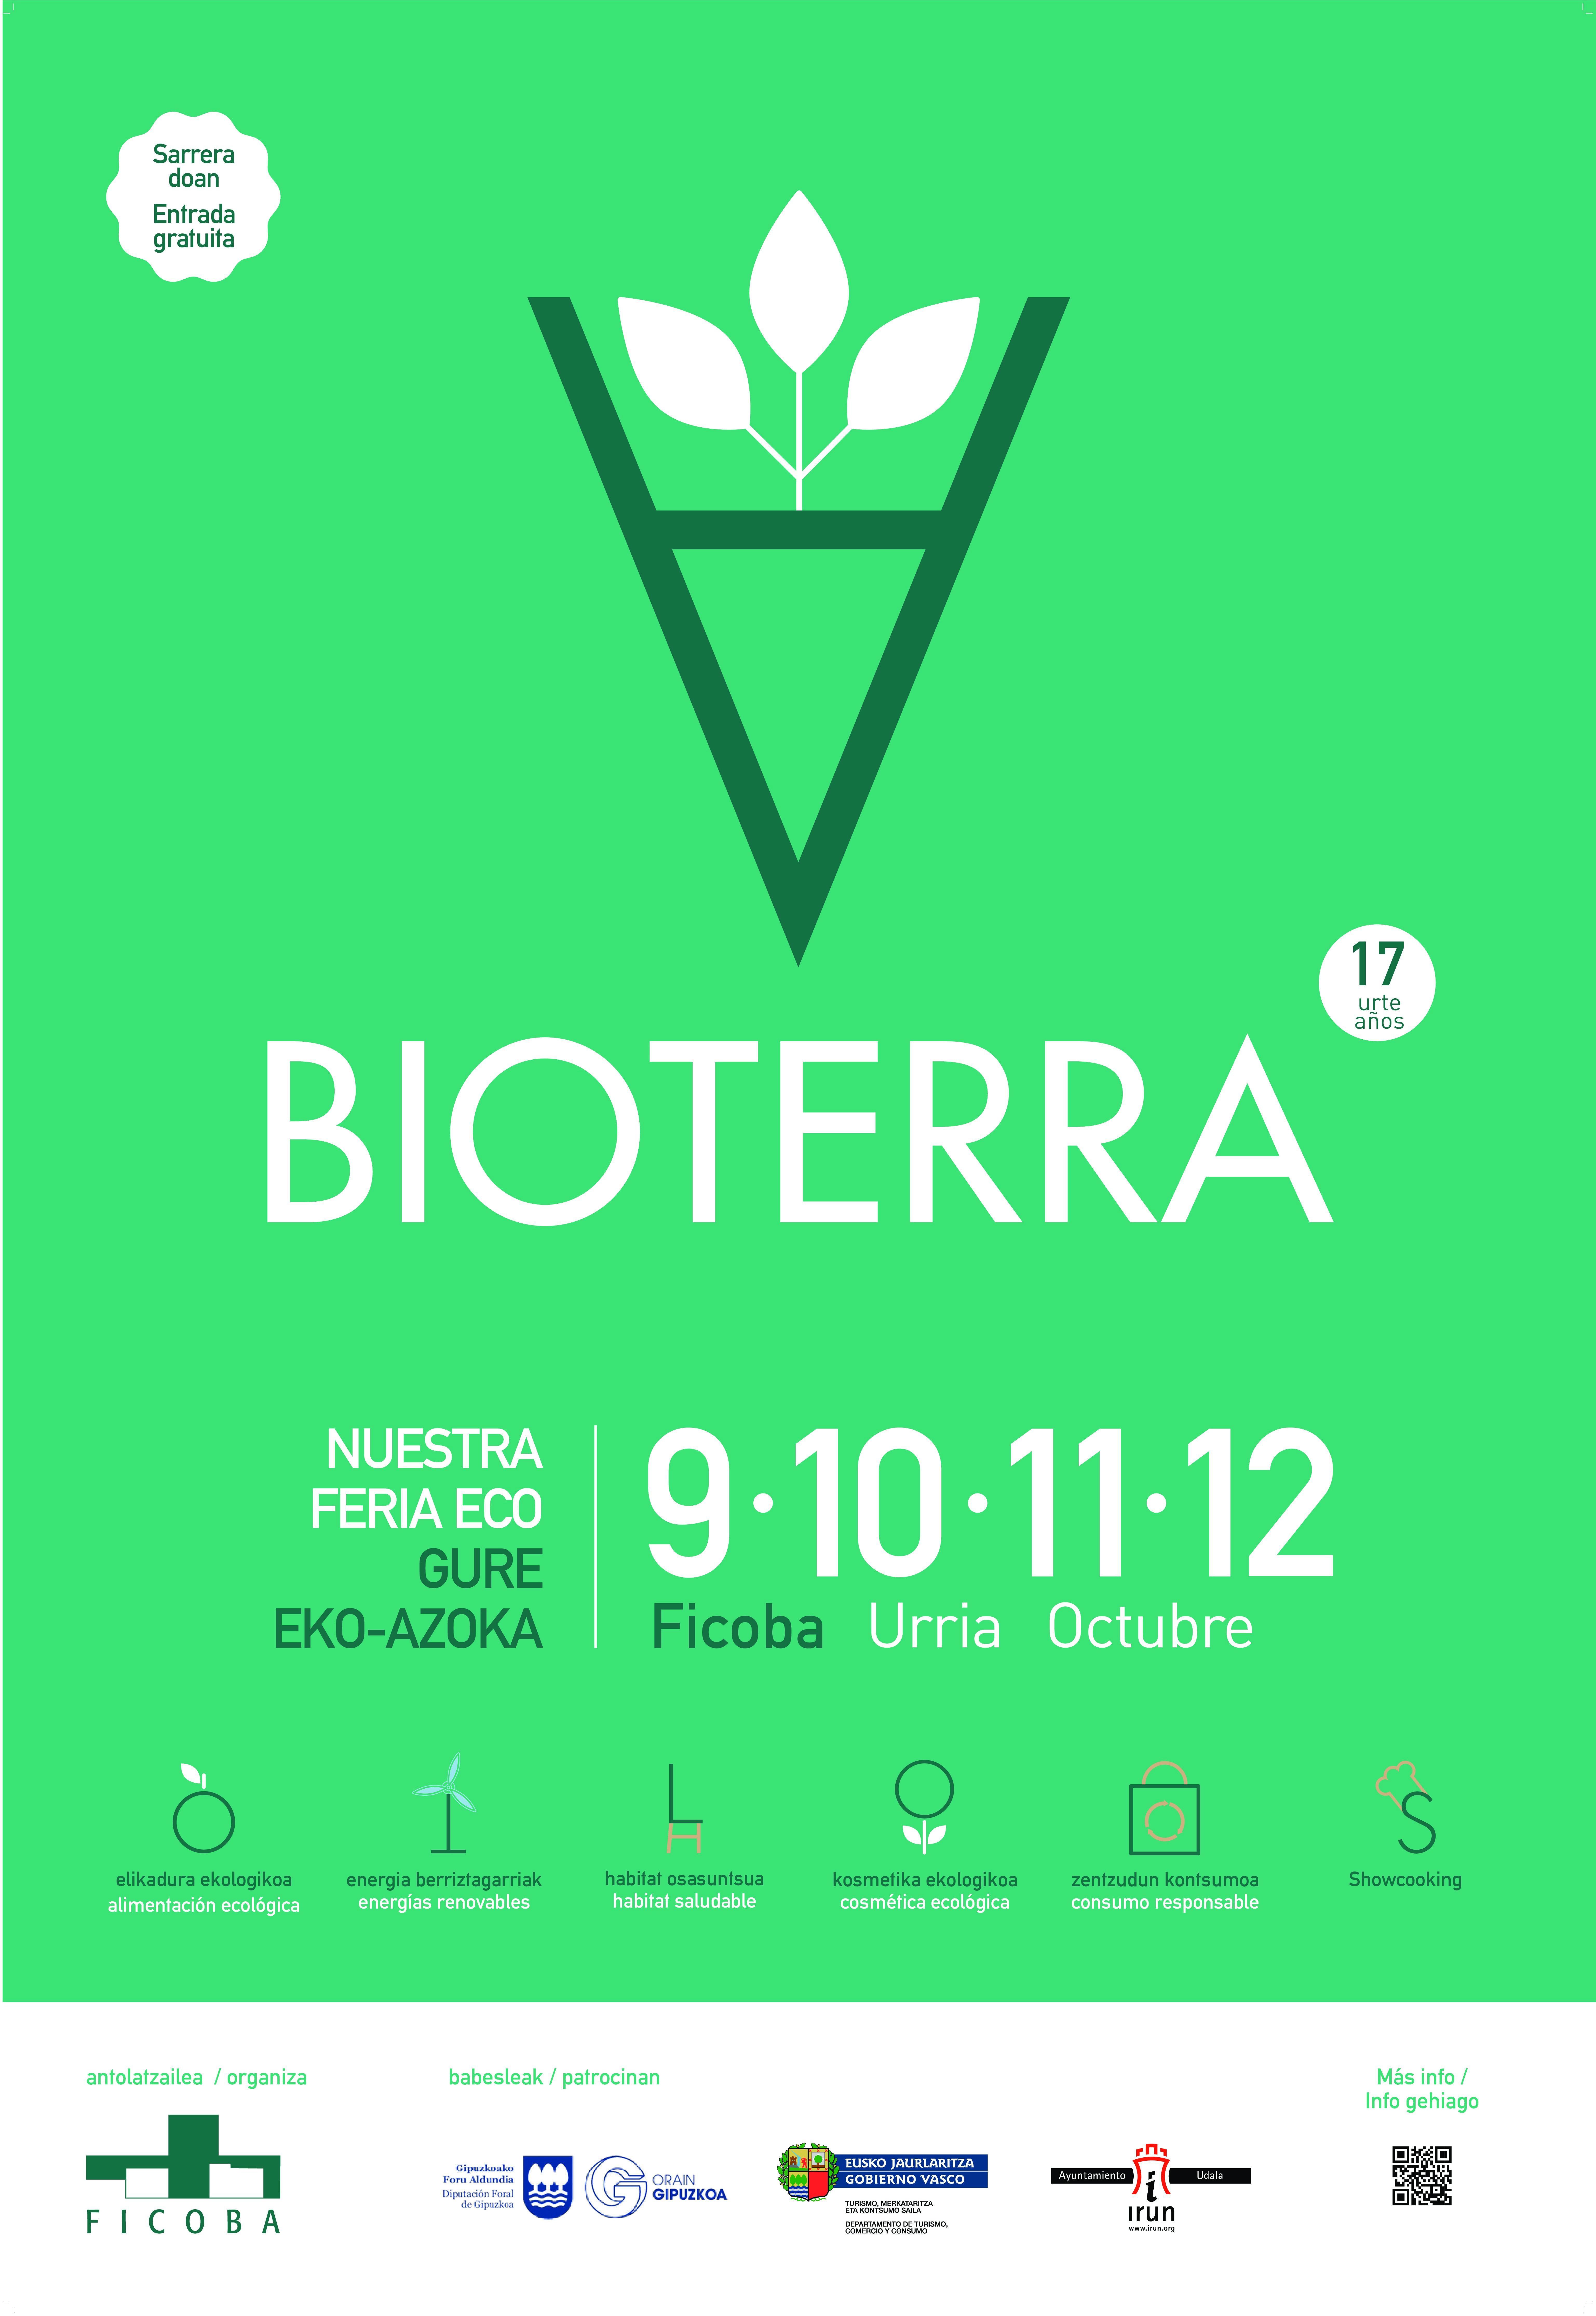 Bioterra, le salon plus ancien de Ficoba, fête sa 17ème édition